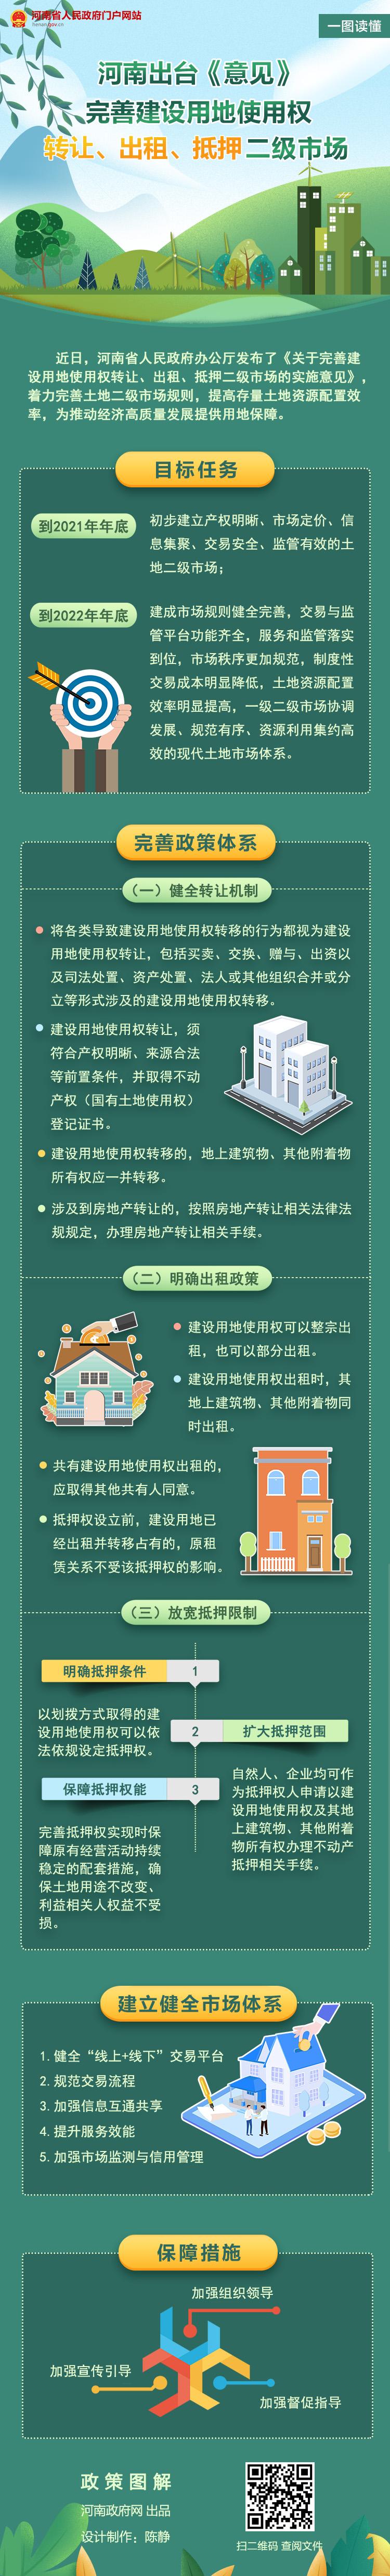 图解:河南省关于完善建设用地使用权转让、出租、抵押二级市场的实施意见